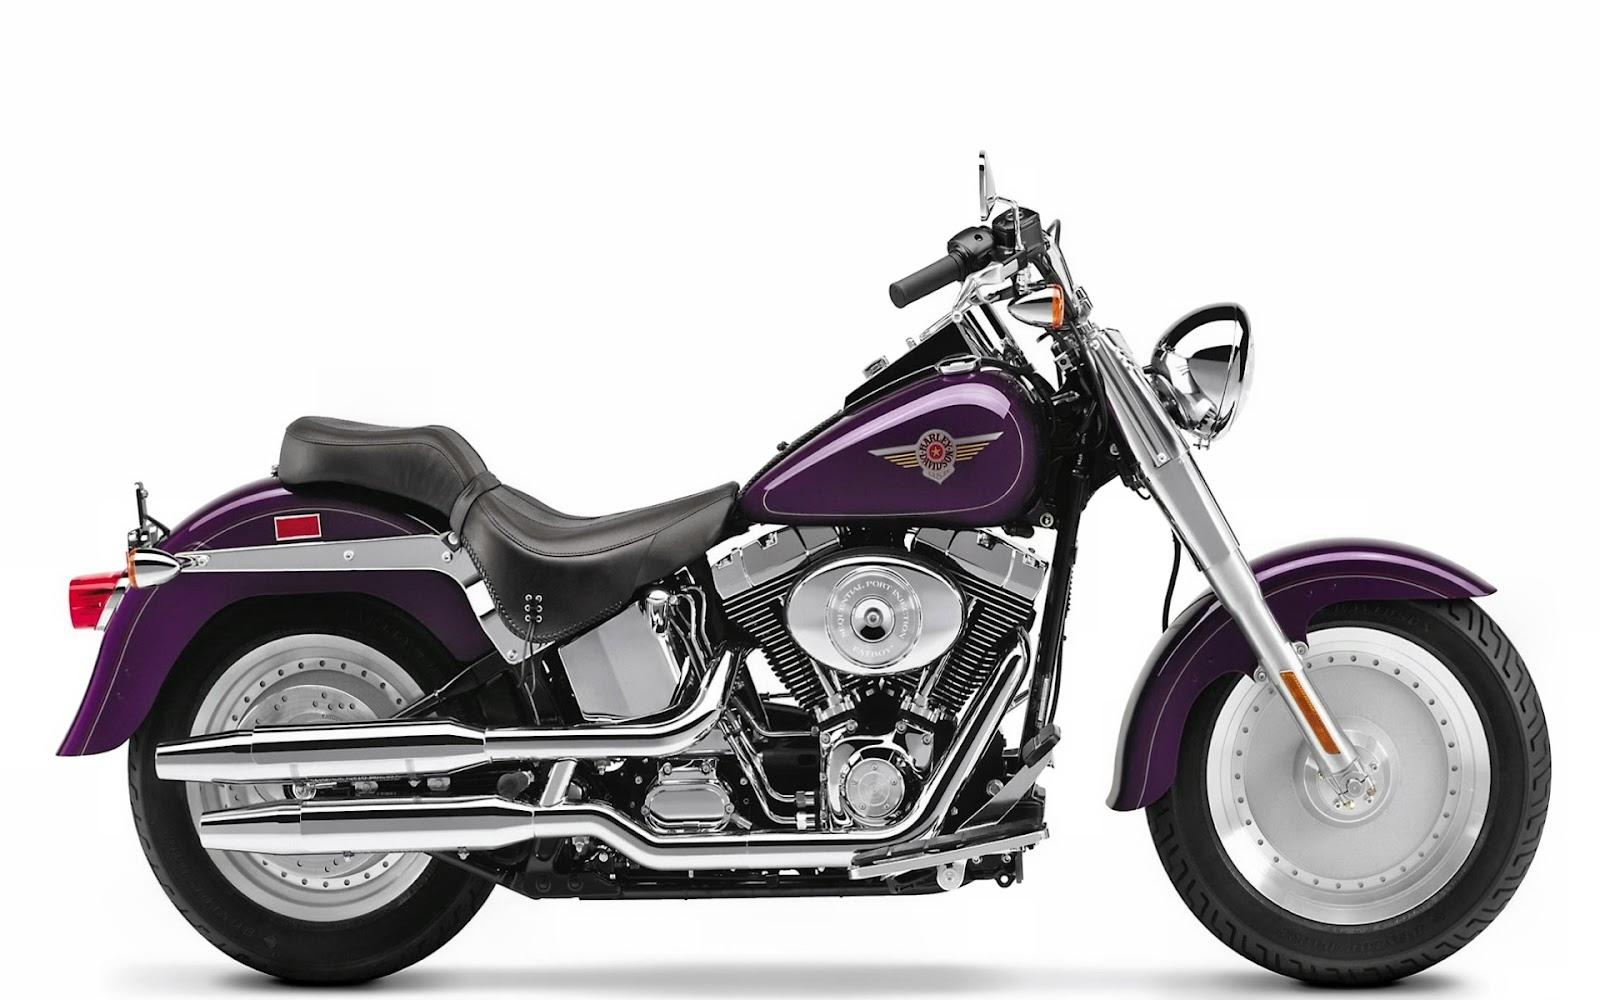 http://2.bp.blogspot.com/--IEDZw_L_LA/T7vBiB4m-EI/AAAAAAAAI6k/AavlOPqD-Uk/s1600/1920+X+1200+Moto+Cool+Wallpapers+24.jpg